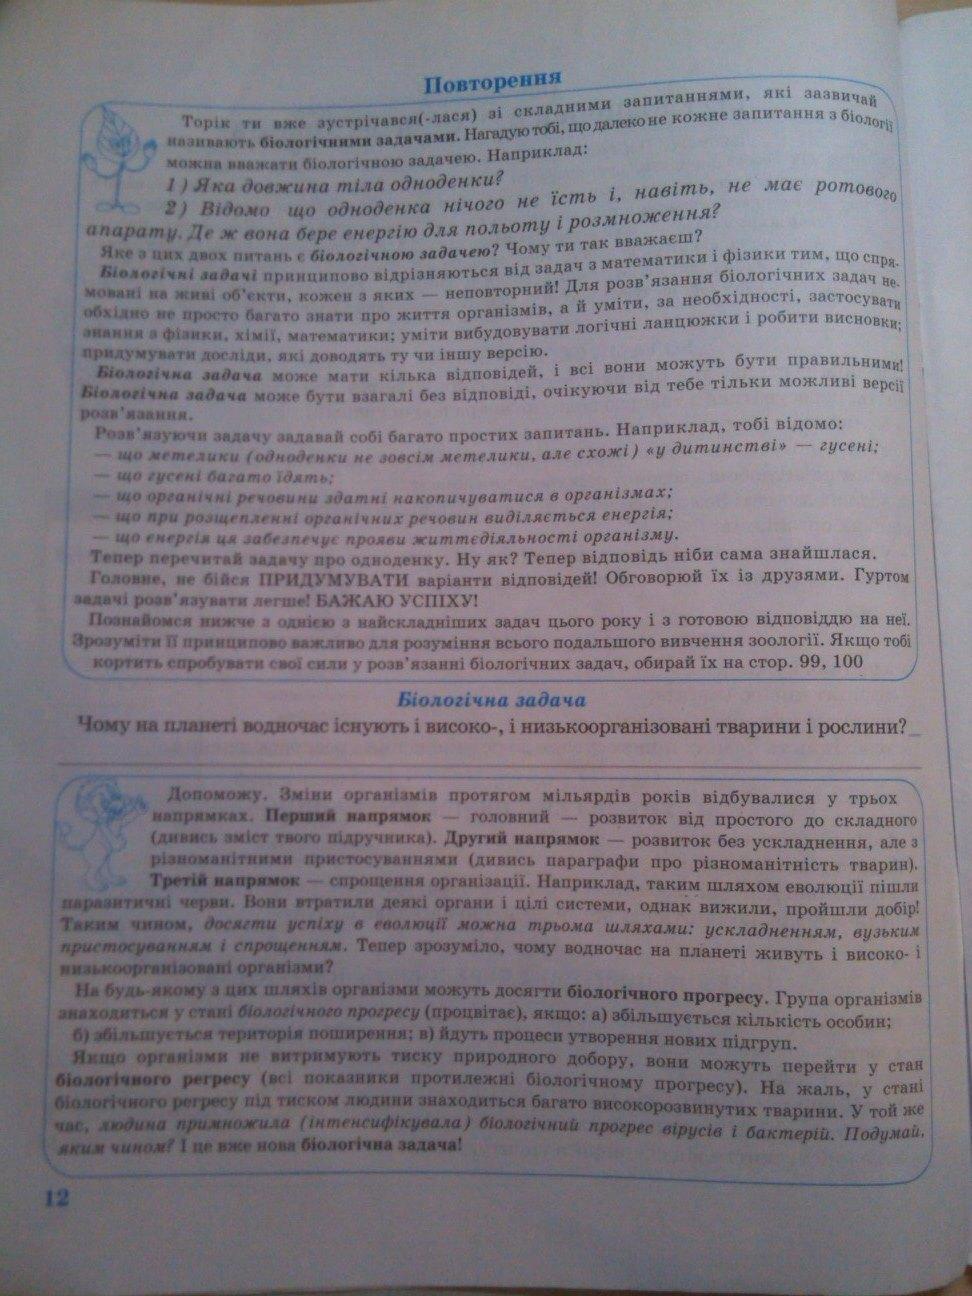 ГДЗ відповіді робочий зошит по биологии 8 класс О.В. Князева. Задание: стр. 12